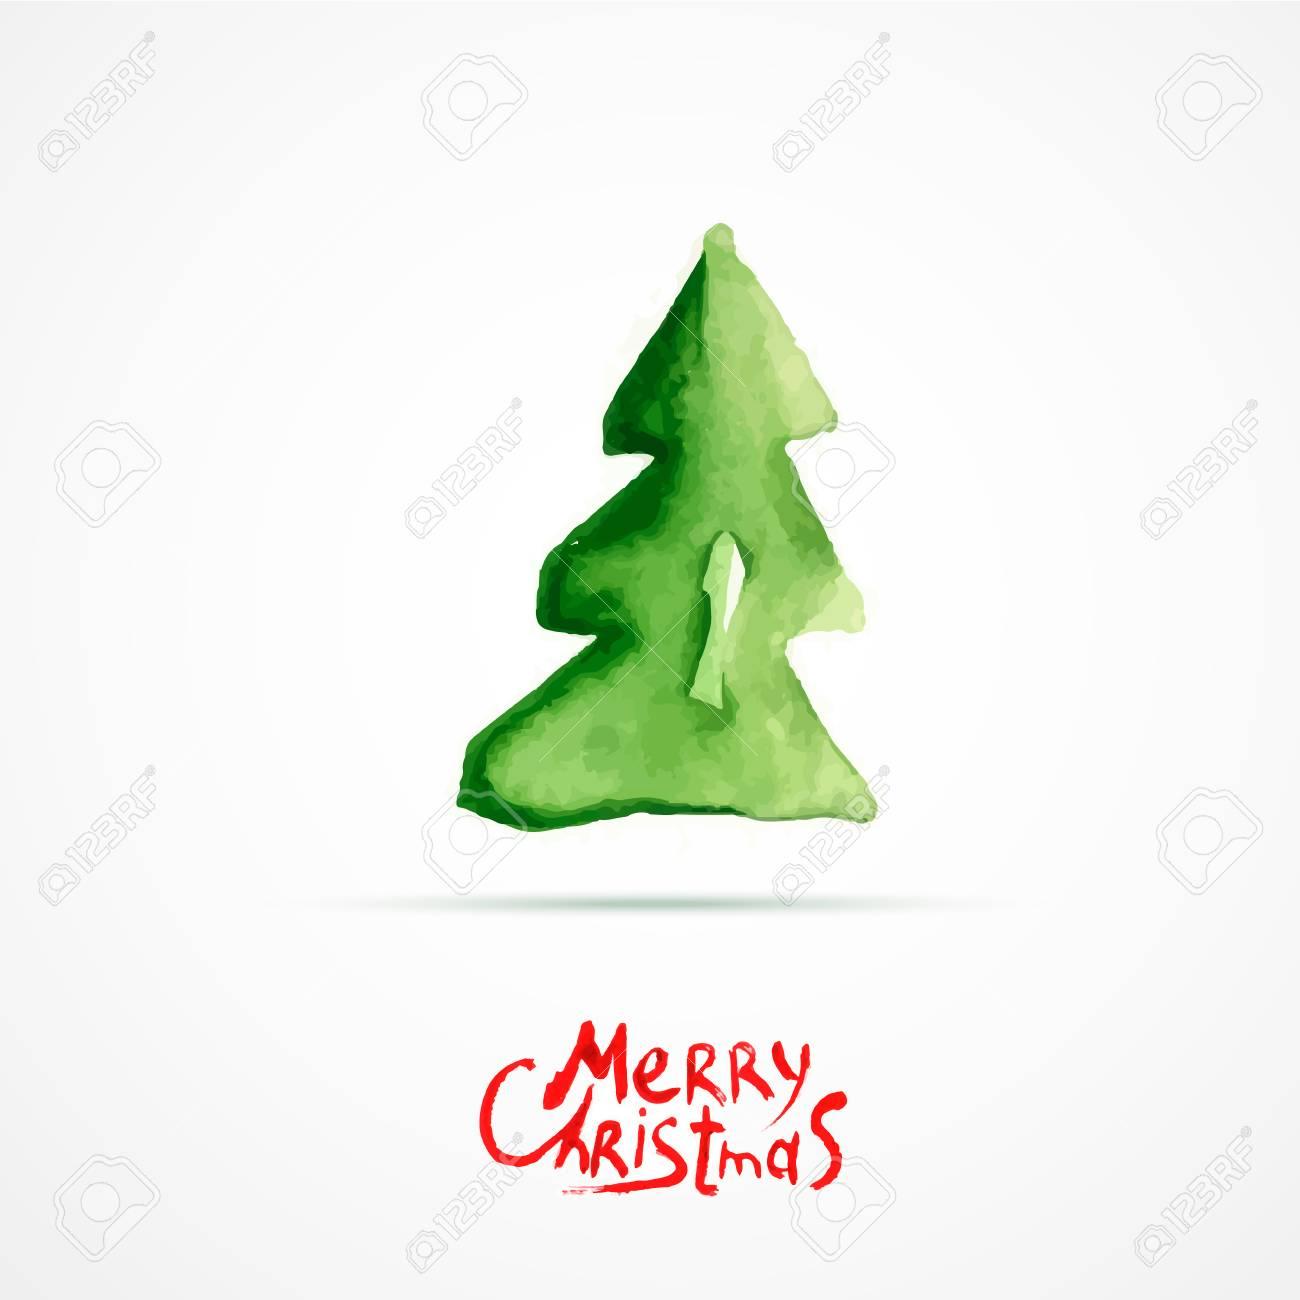 Weihnachtsbaum Gezeichnet.Stock Photo